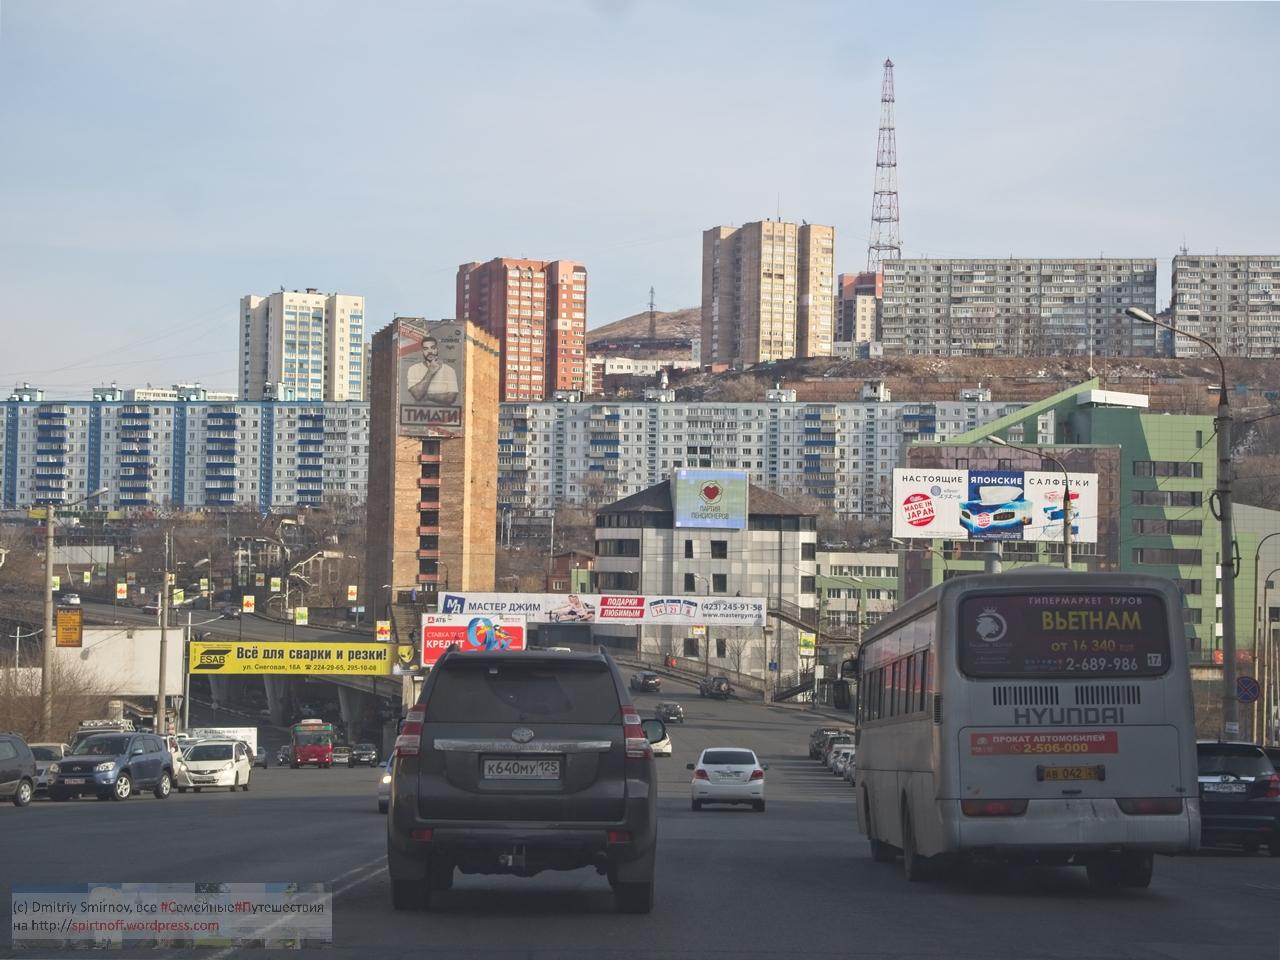 SMI61986-Blog-179 Путешествия  Владивосток. Первые впечатления при свете дня